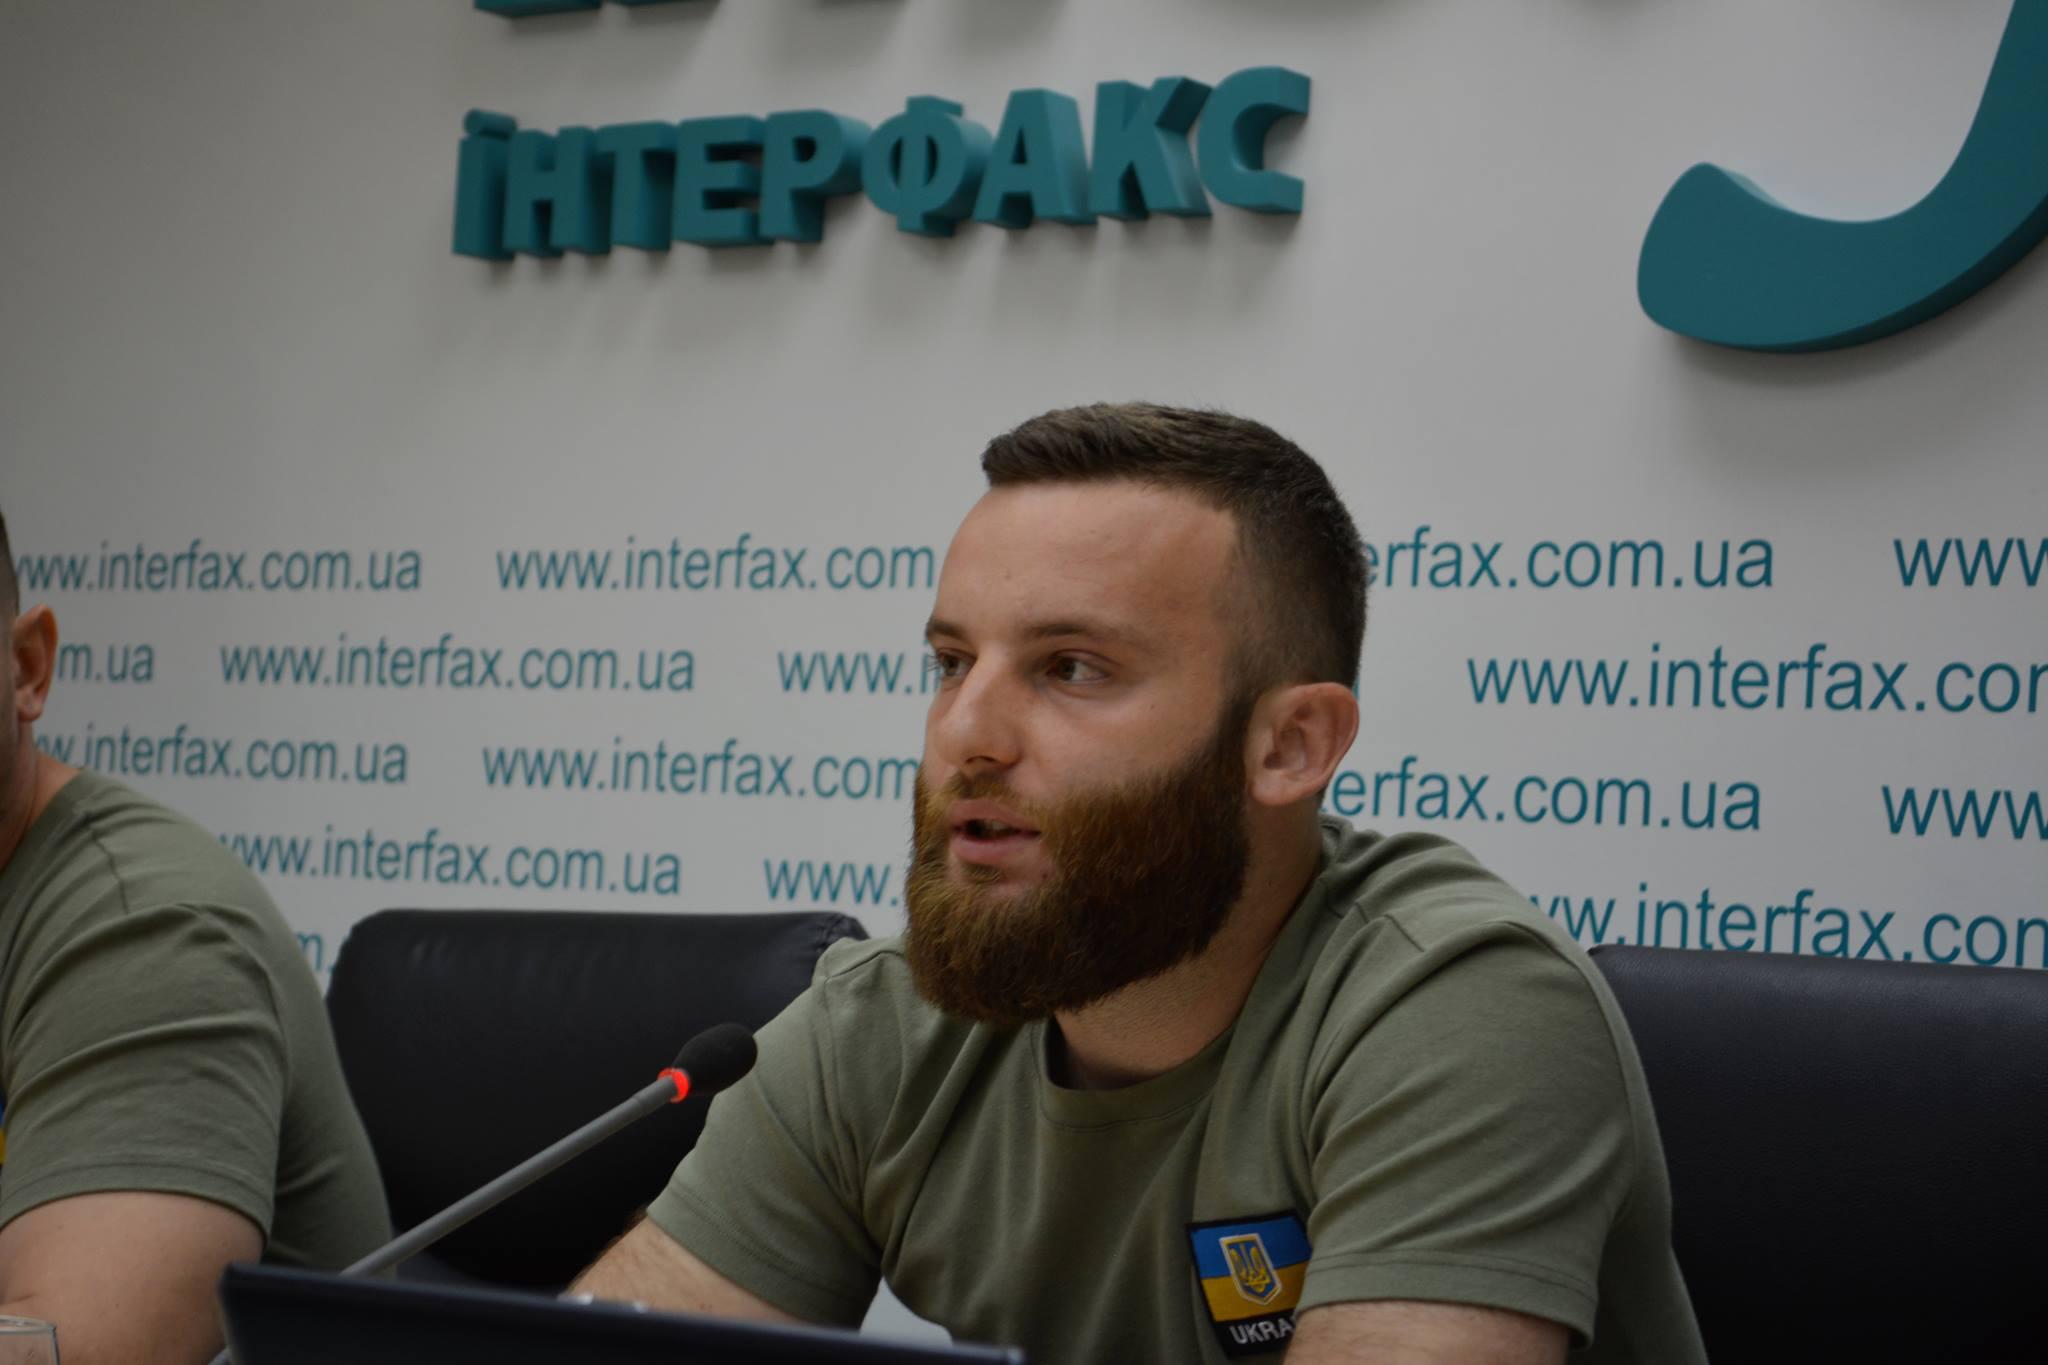 Володимир Звеняцький